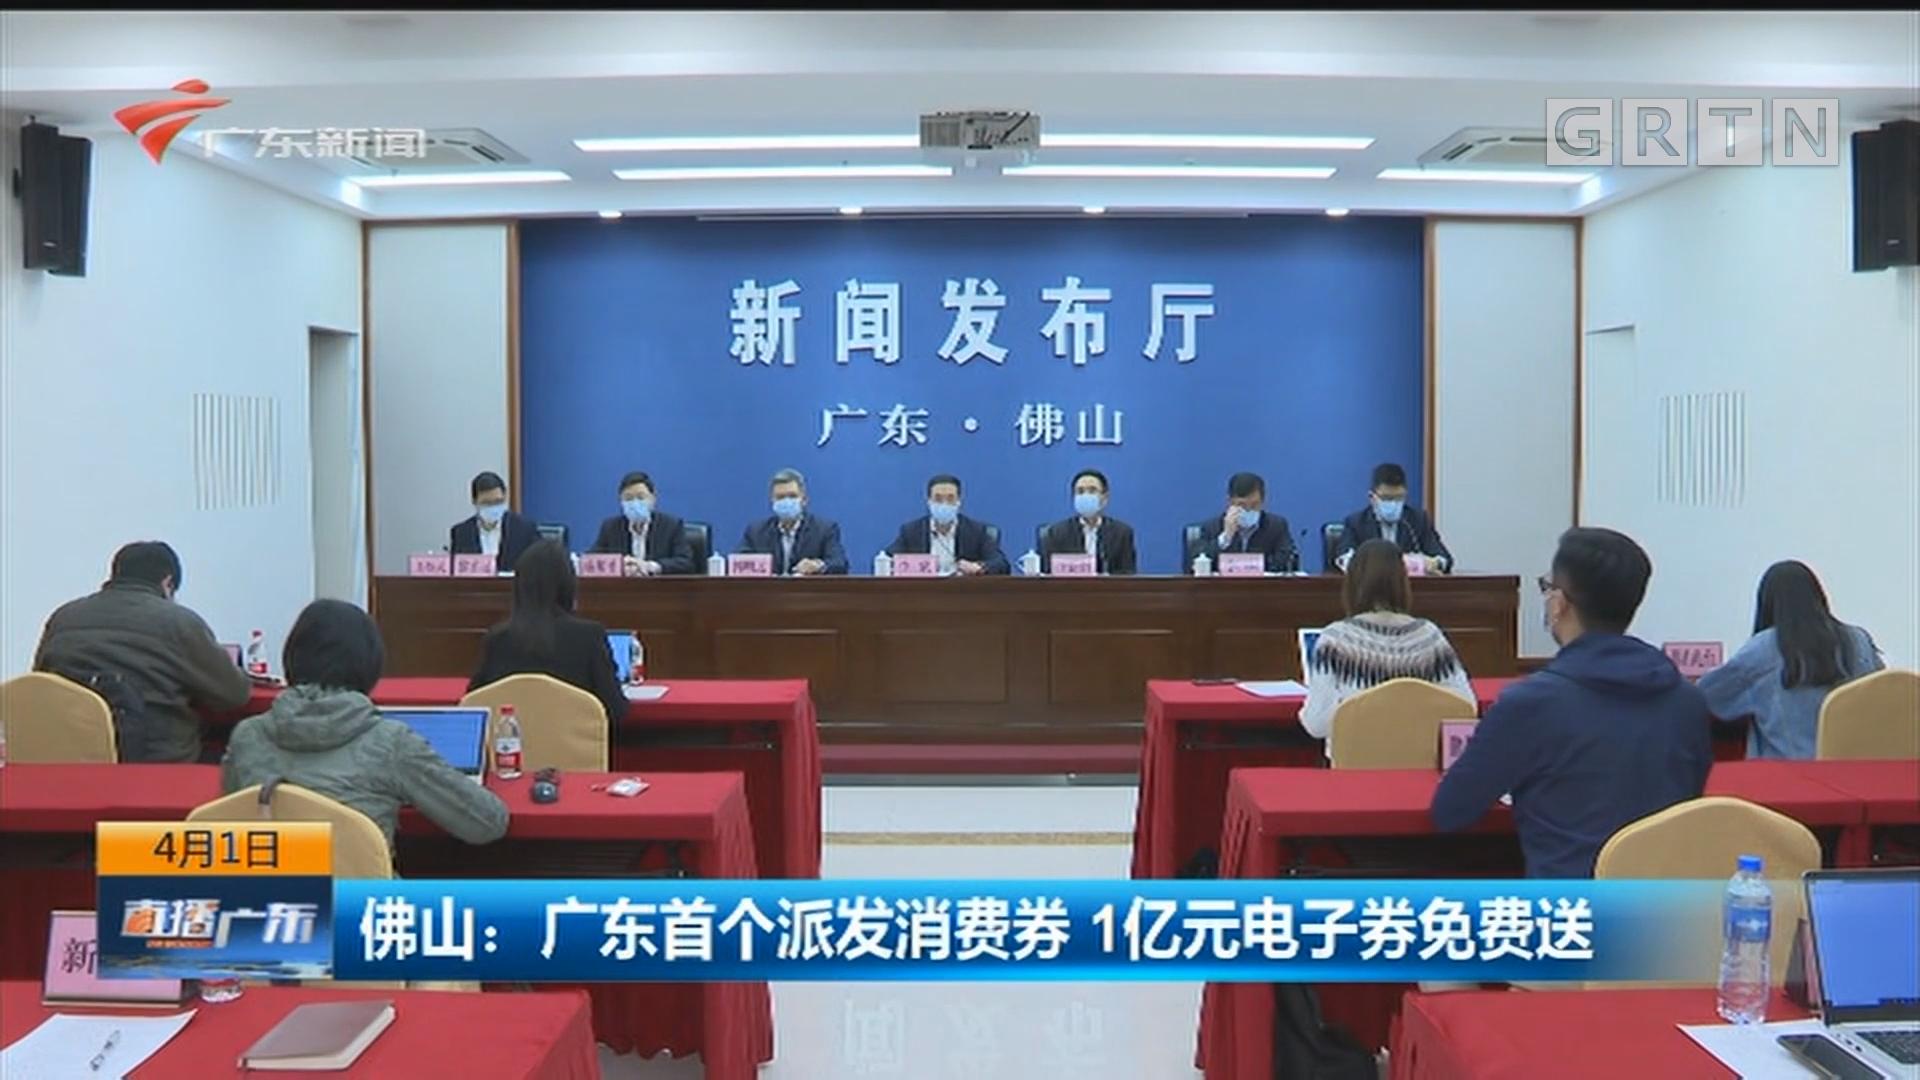 佛山:广东首个派发消费券 1亿元电子券免费送